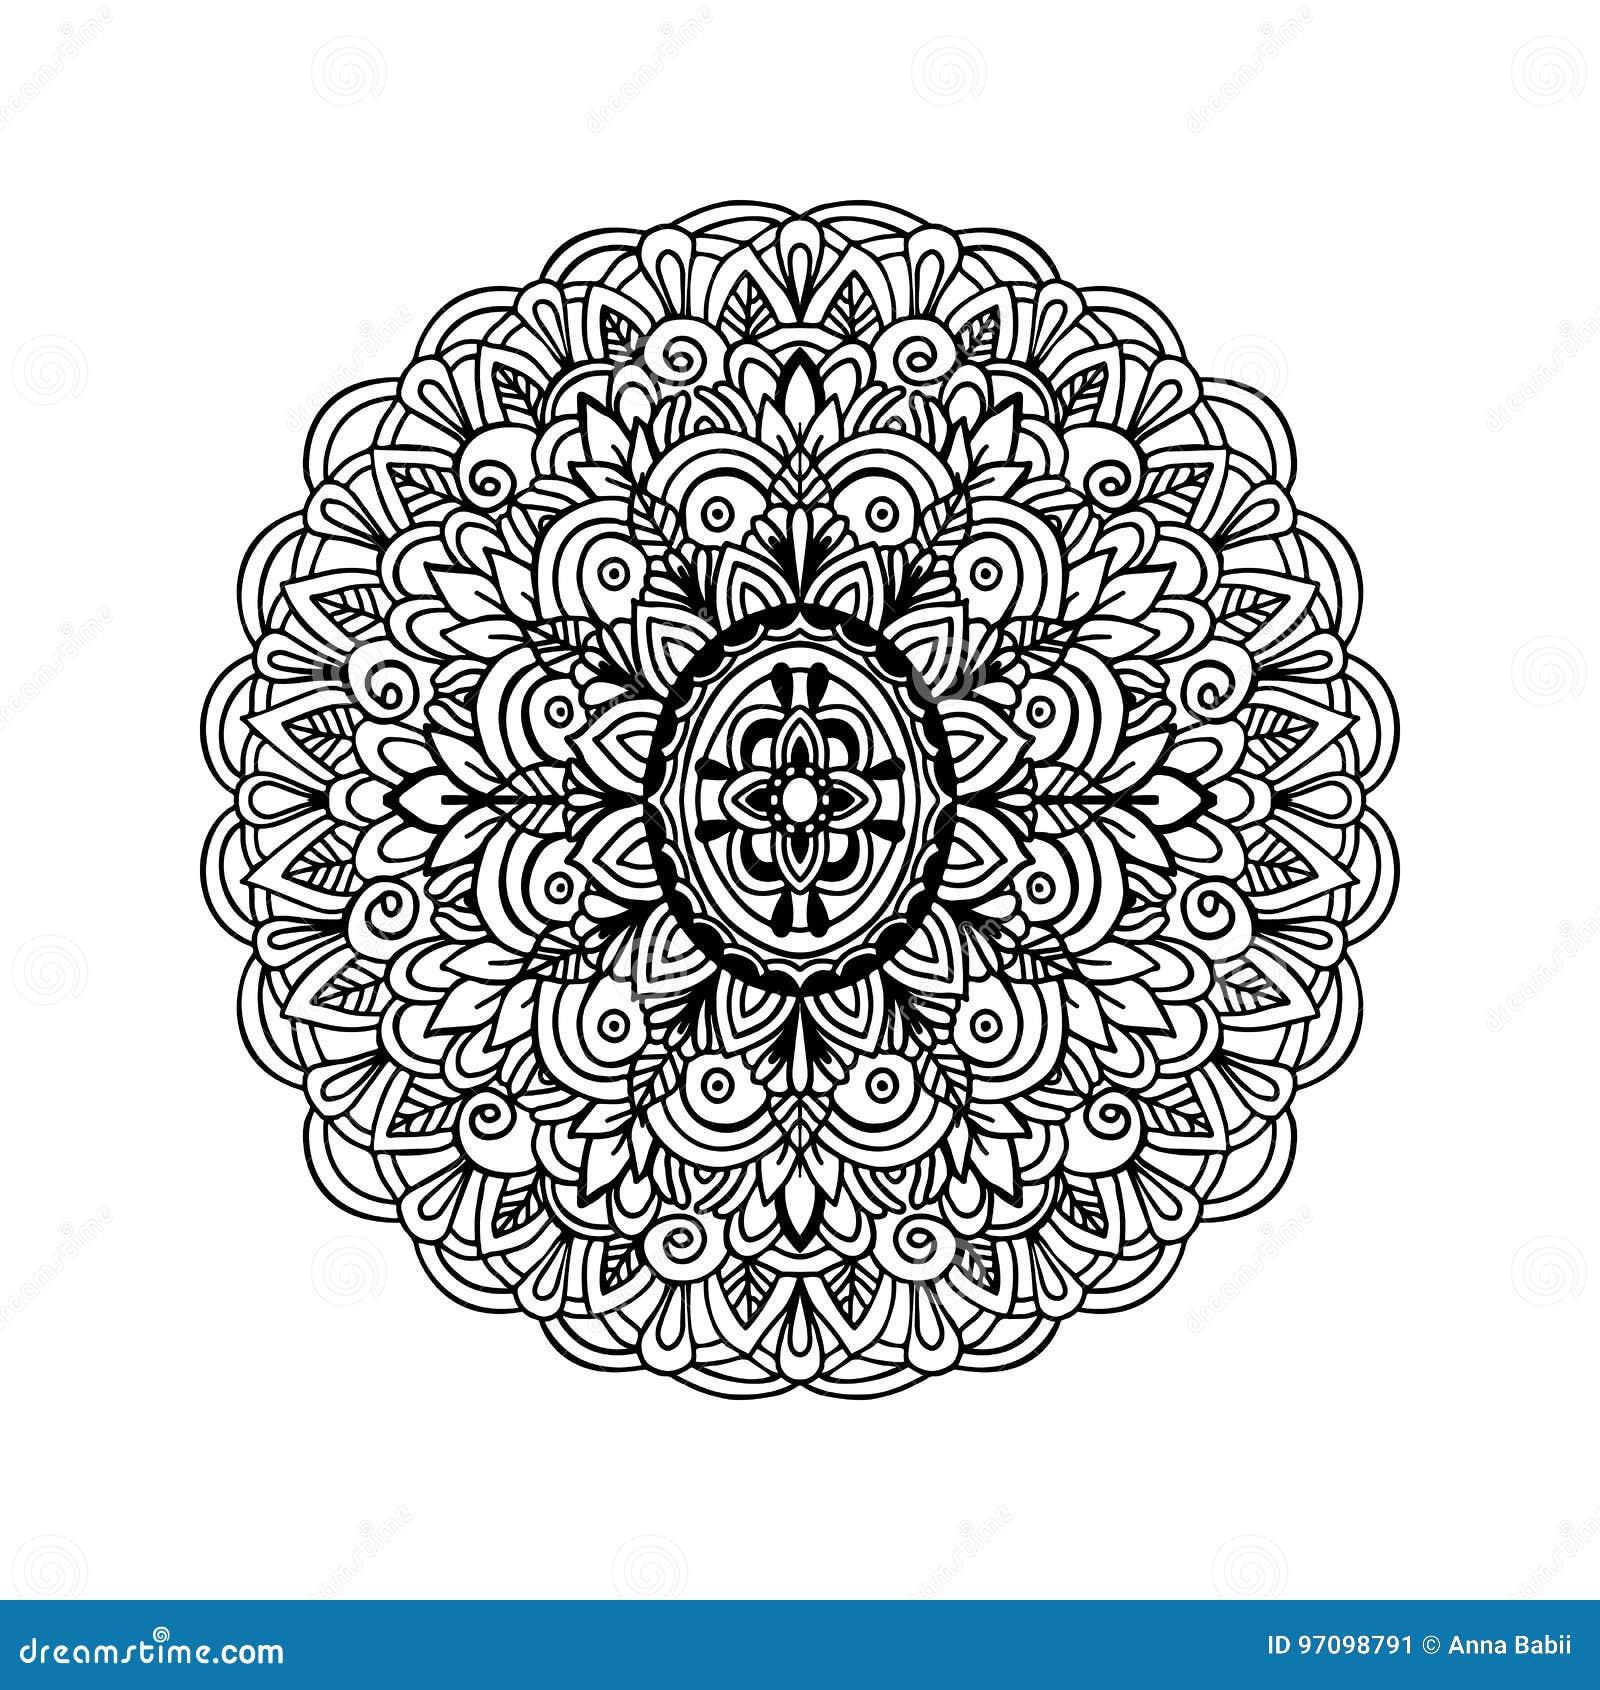 Coloriage Adulte Fond Noir.Ornement Abstrait De Mandala Pour Livres De Coloriage Adultes